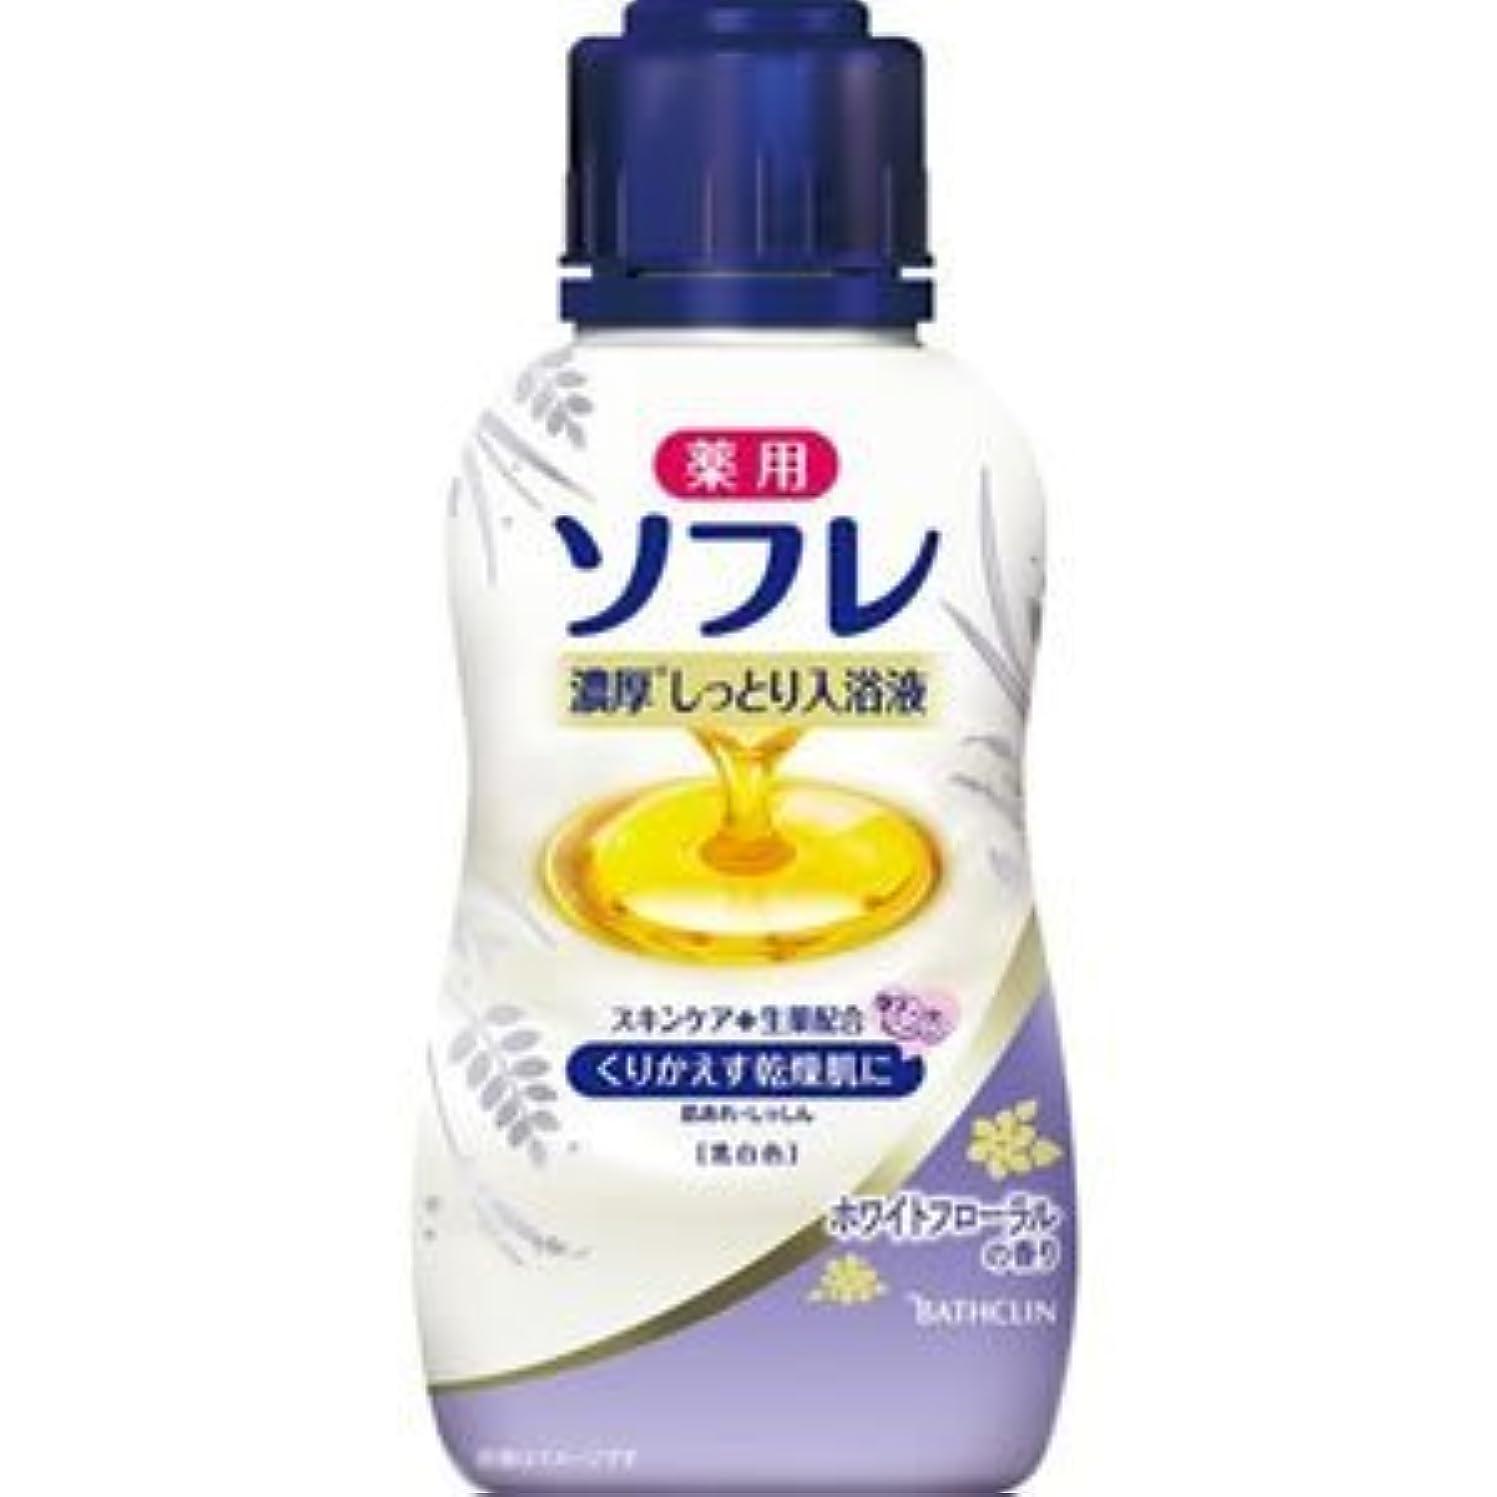 抽出才能のある薄める(バスクリン)薬用ソフレ 濃厚しっとり入浴液(ホワイトフローラルの香り)(お買い得3本セット)480ml(医薬部外品)